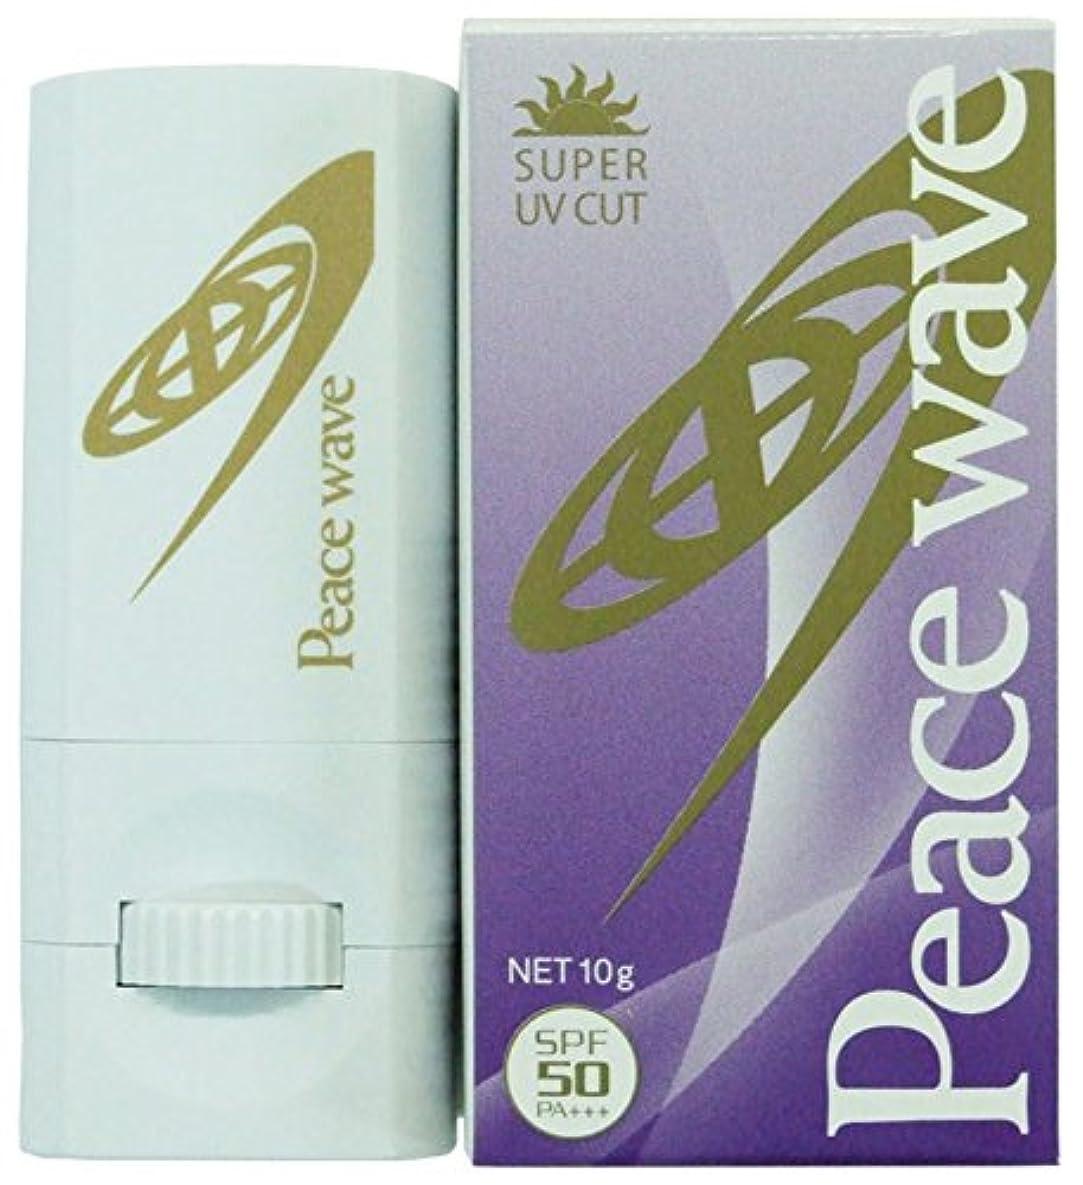 トーナメントチューインガム硬化するPEACE WAVE 日焼け止め UVフェイススティック SPF50 PA+++ ホワイト 10g 580250